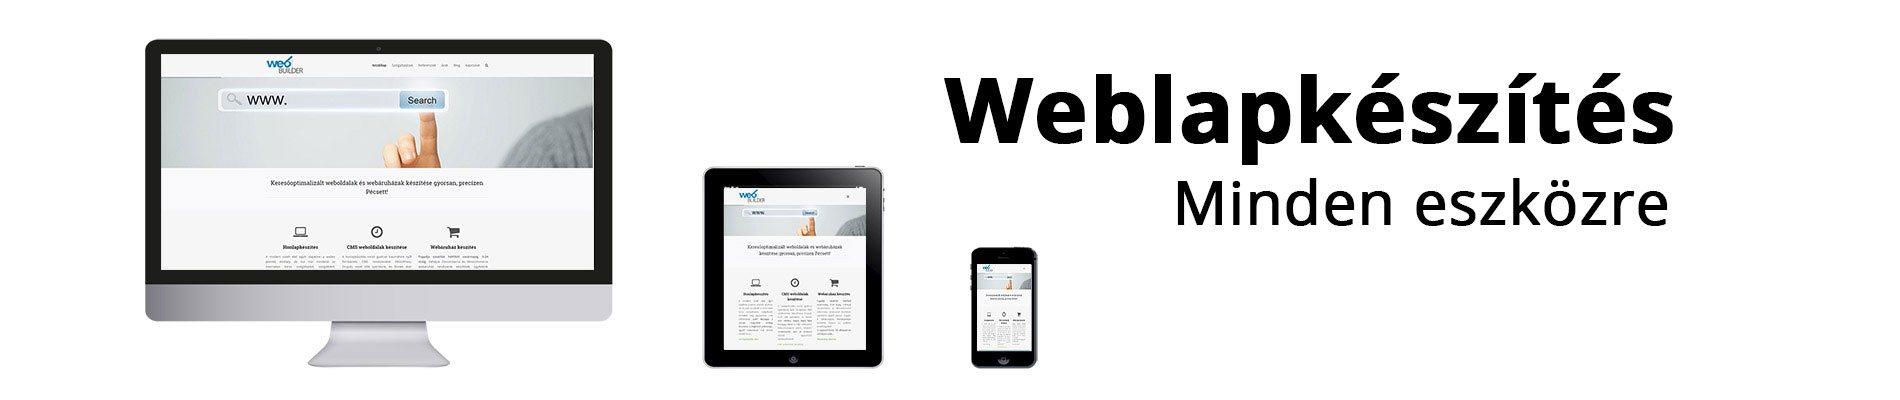 weblapkészítés és honlapkészítés Pécs